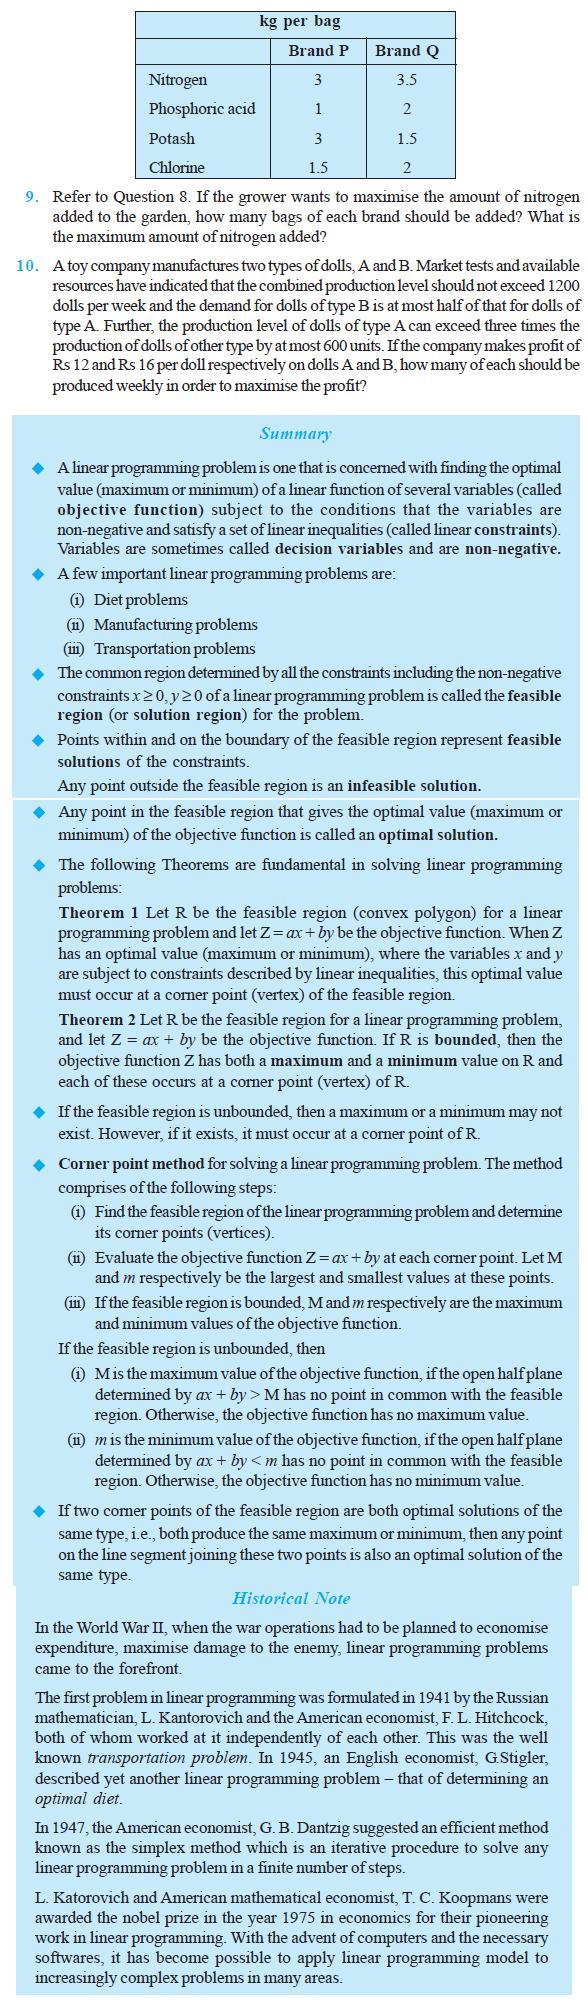 NCERT Class XII Maths Chapter 12 - Linear Programming